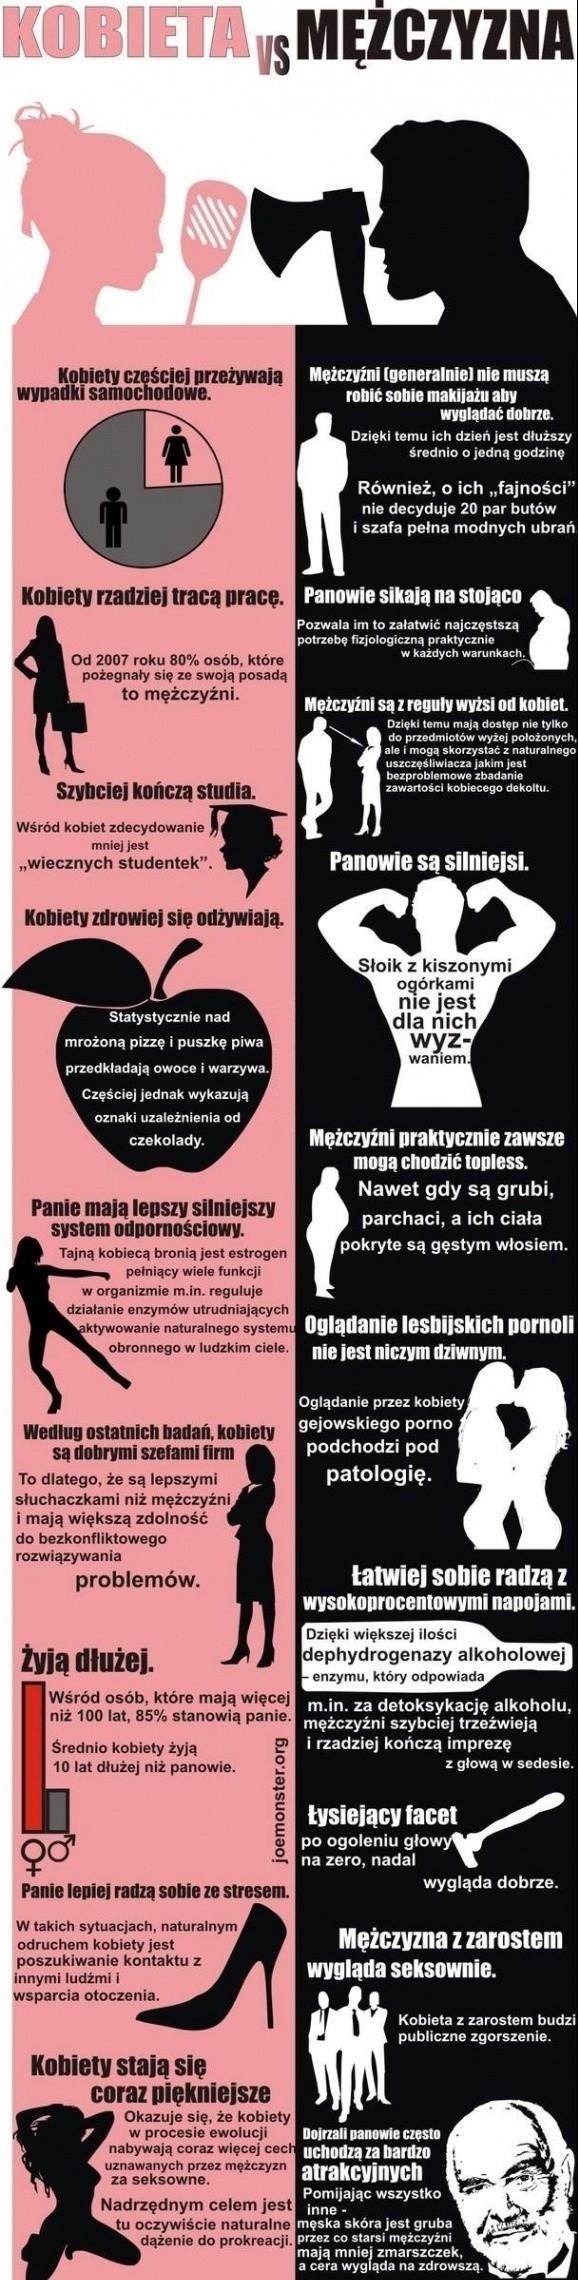 mezczyzna-vs-kobieta